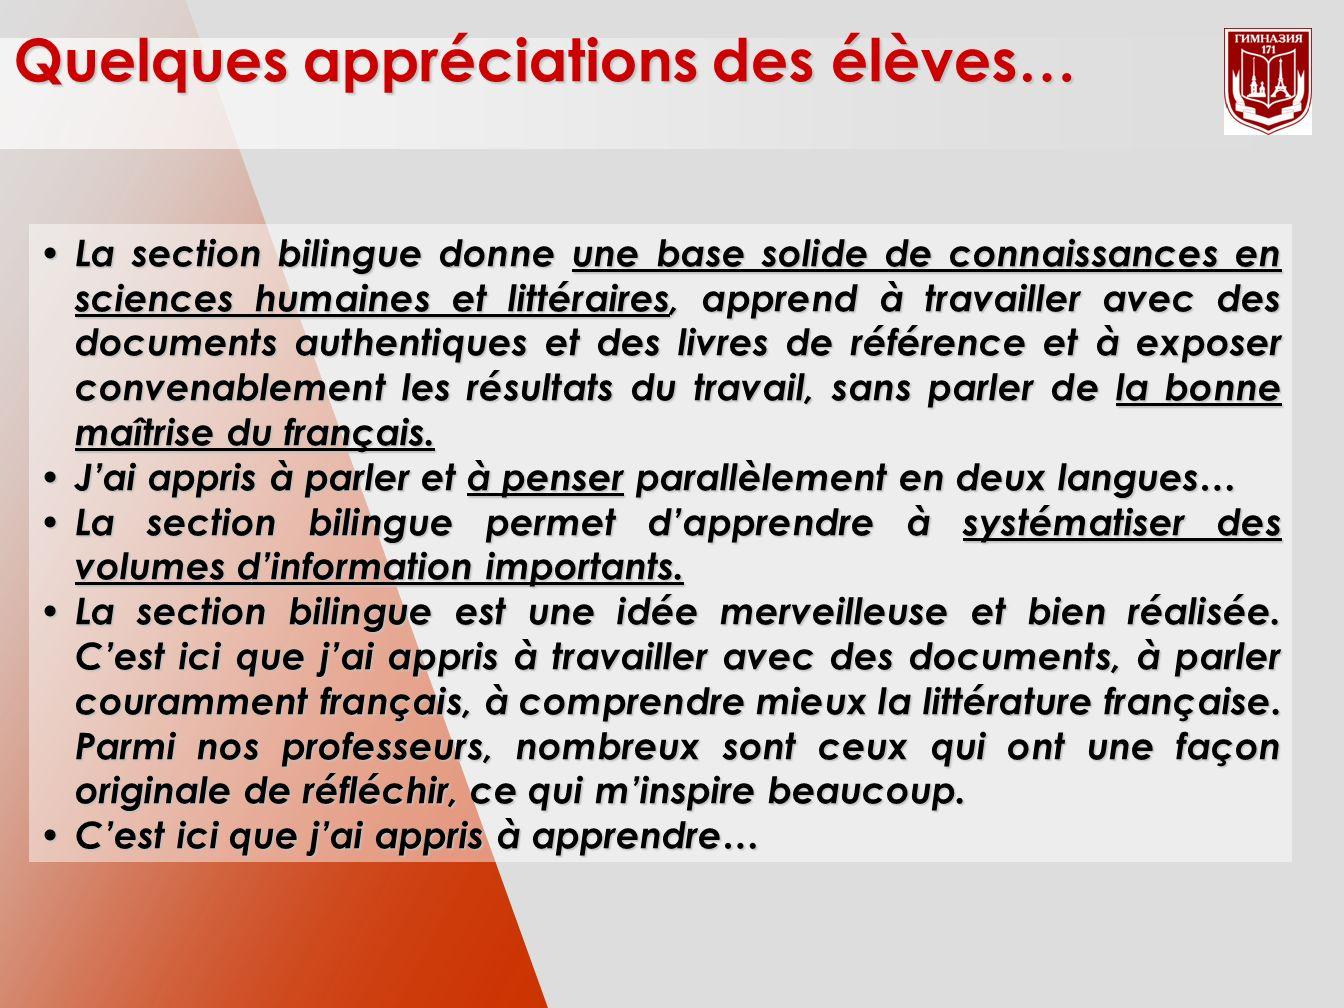 La section bilingue donne une base solide de connaissances en sciences humaines et littéraires, apprend à travailler avec des documents authentiques et des livres de référence et à exposer convenablement les résultats du travail, sans parler de la bonne maîtrise du français.